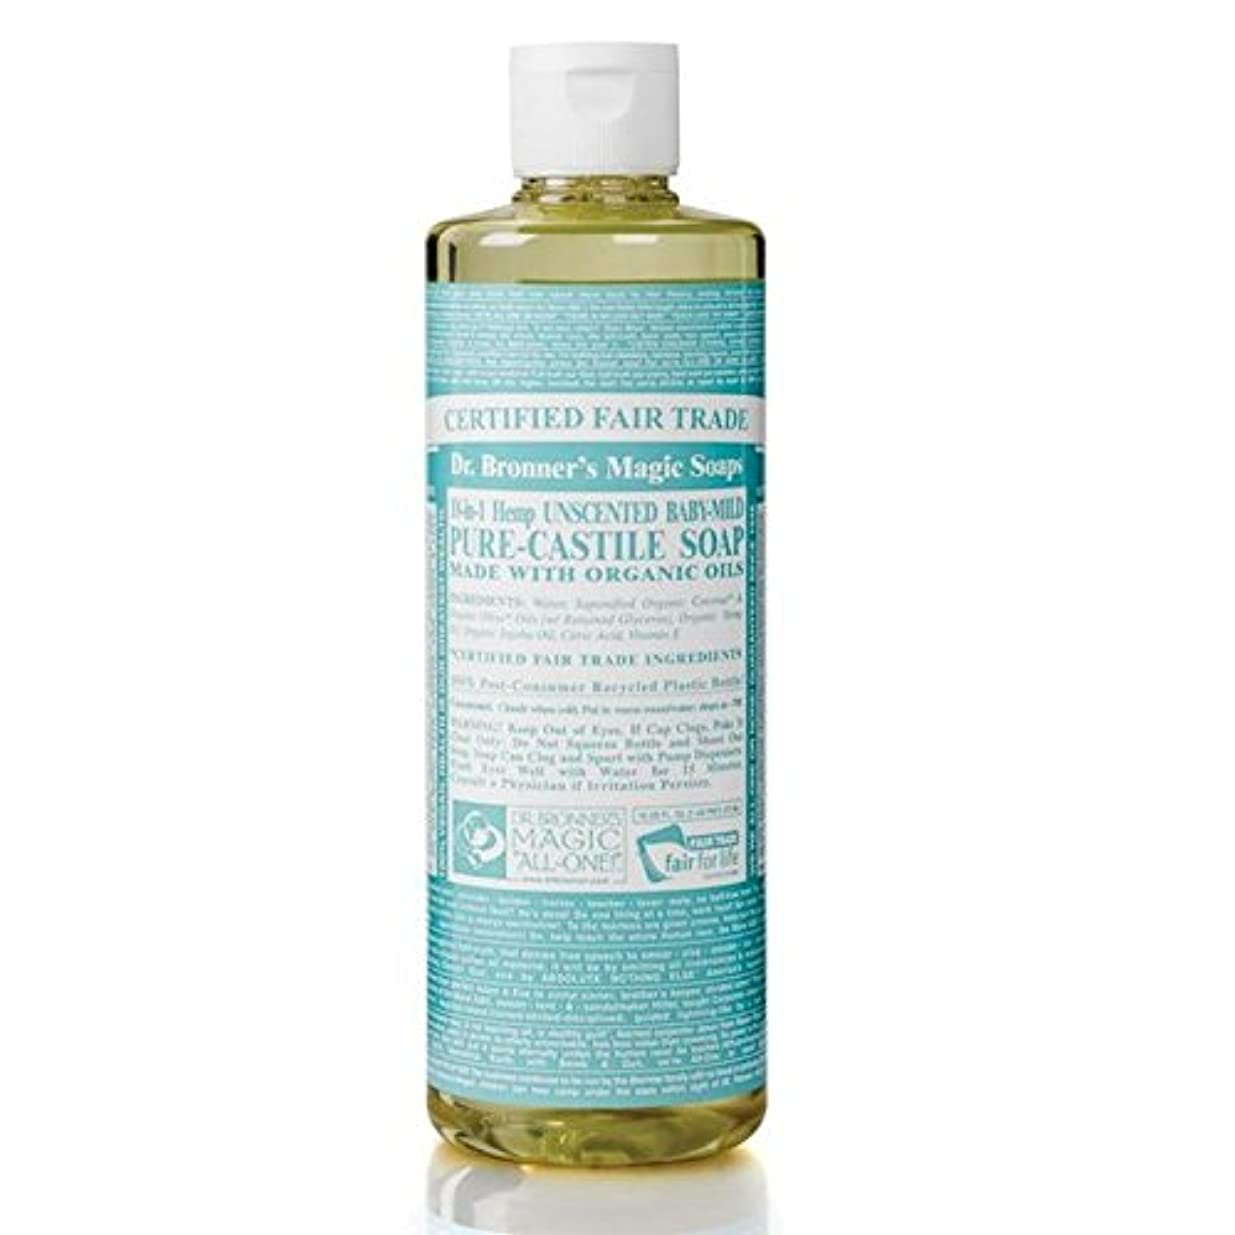 Dr Bronner Organic Baby Mild Castile Liquid Soap 473ml (Pack of 6) - のブロナーオーガニックベビーマイルドなカスティーリャ液体石鹸473ミリリットル x6...